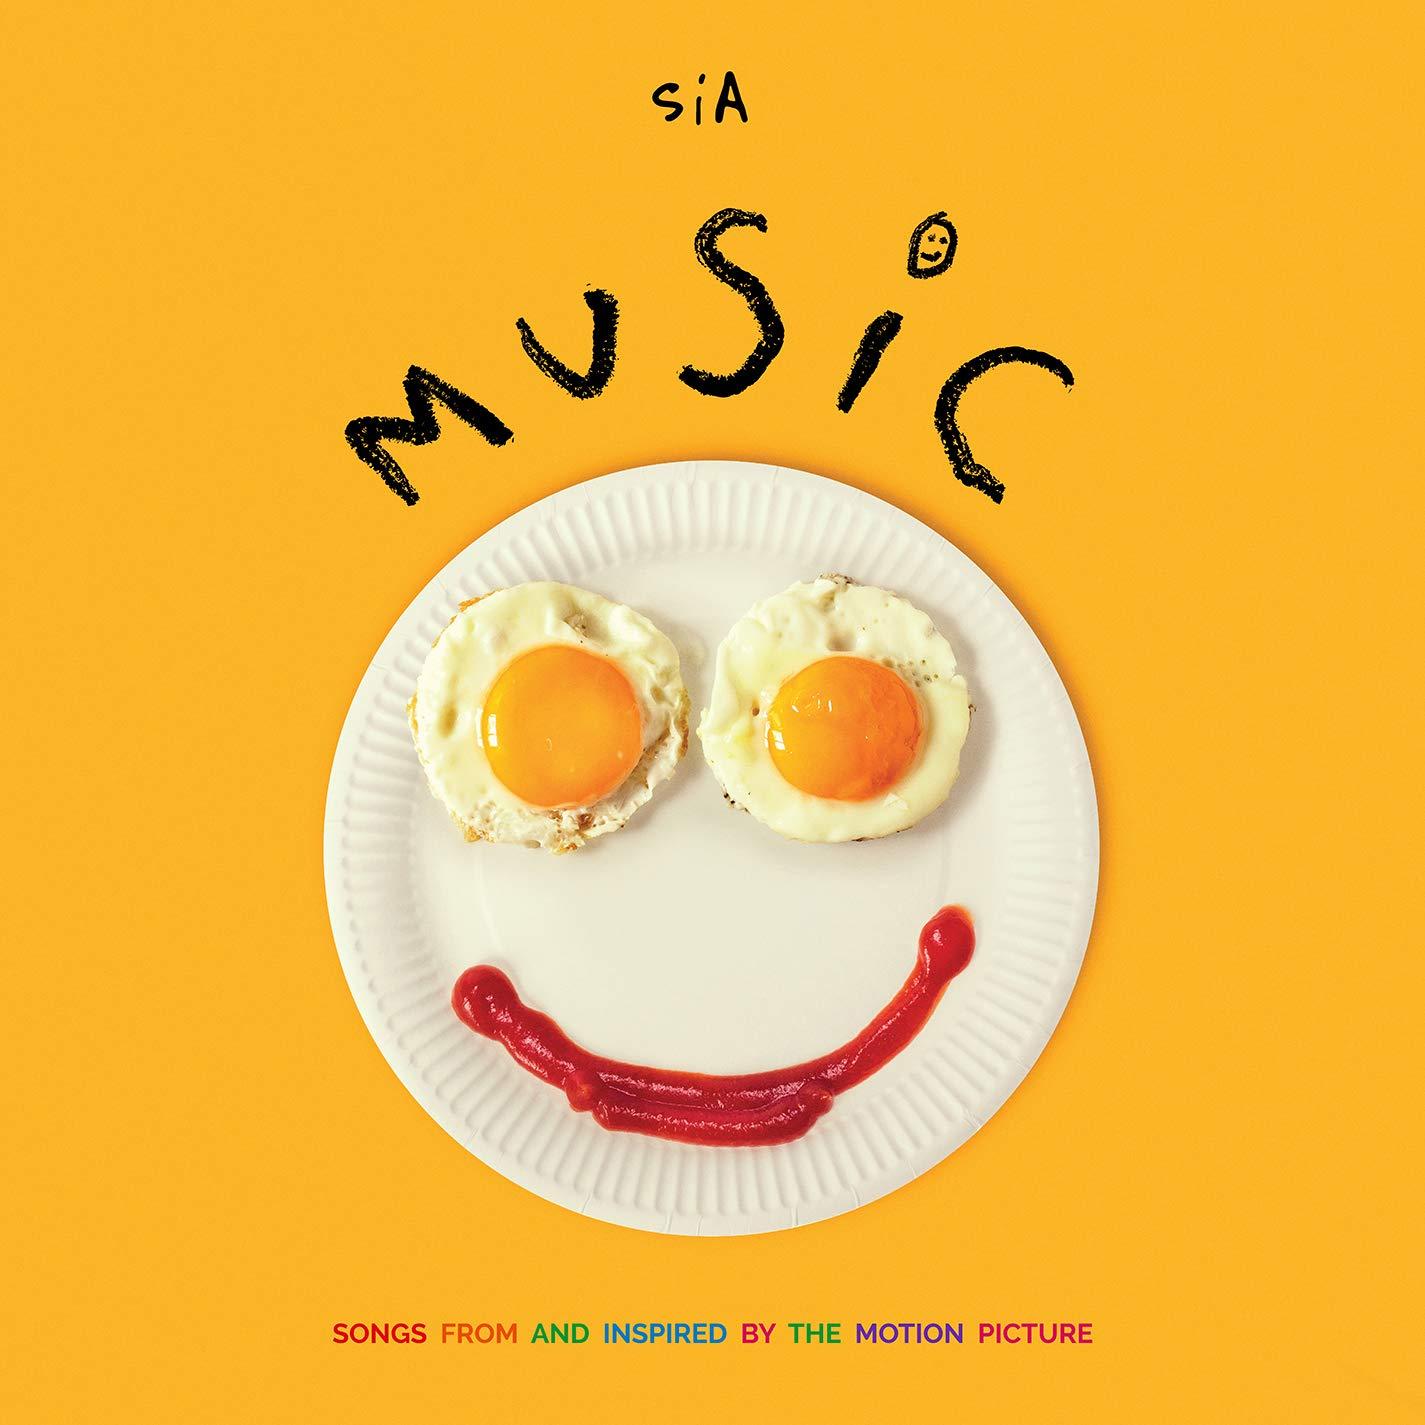 ¡Larga vida al CD! Presume de tu última compra en Disco Compacto - Página 8 61KvYRAmXEL._SL1425_